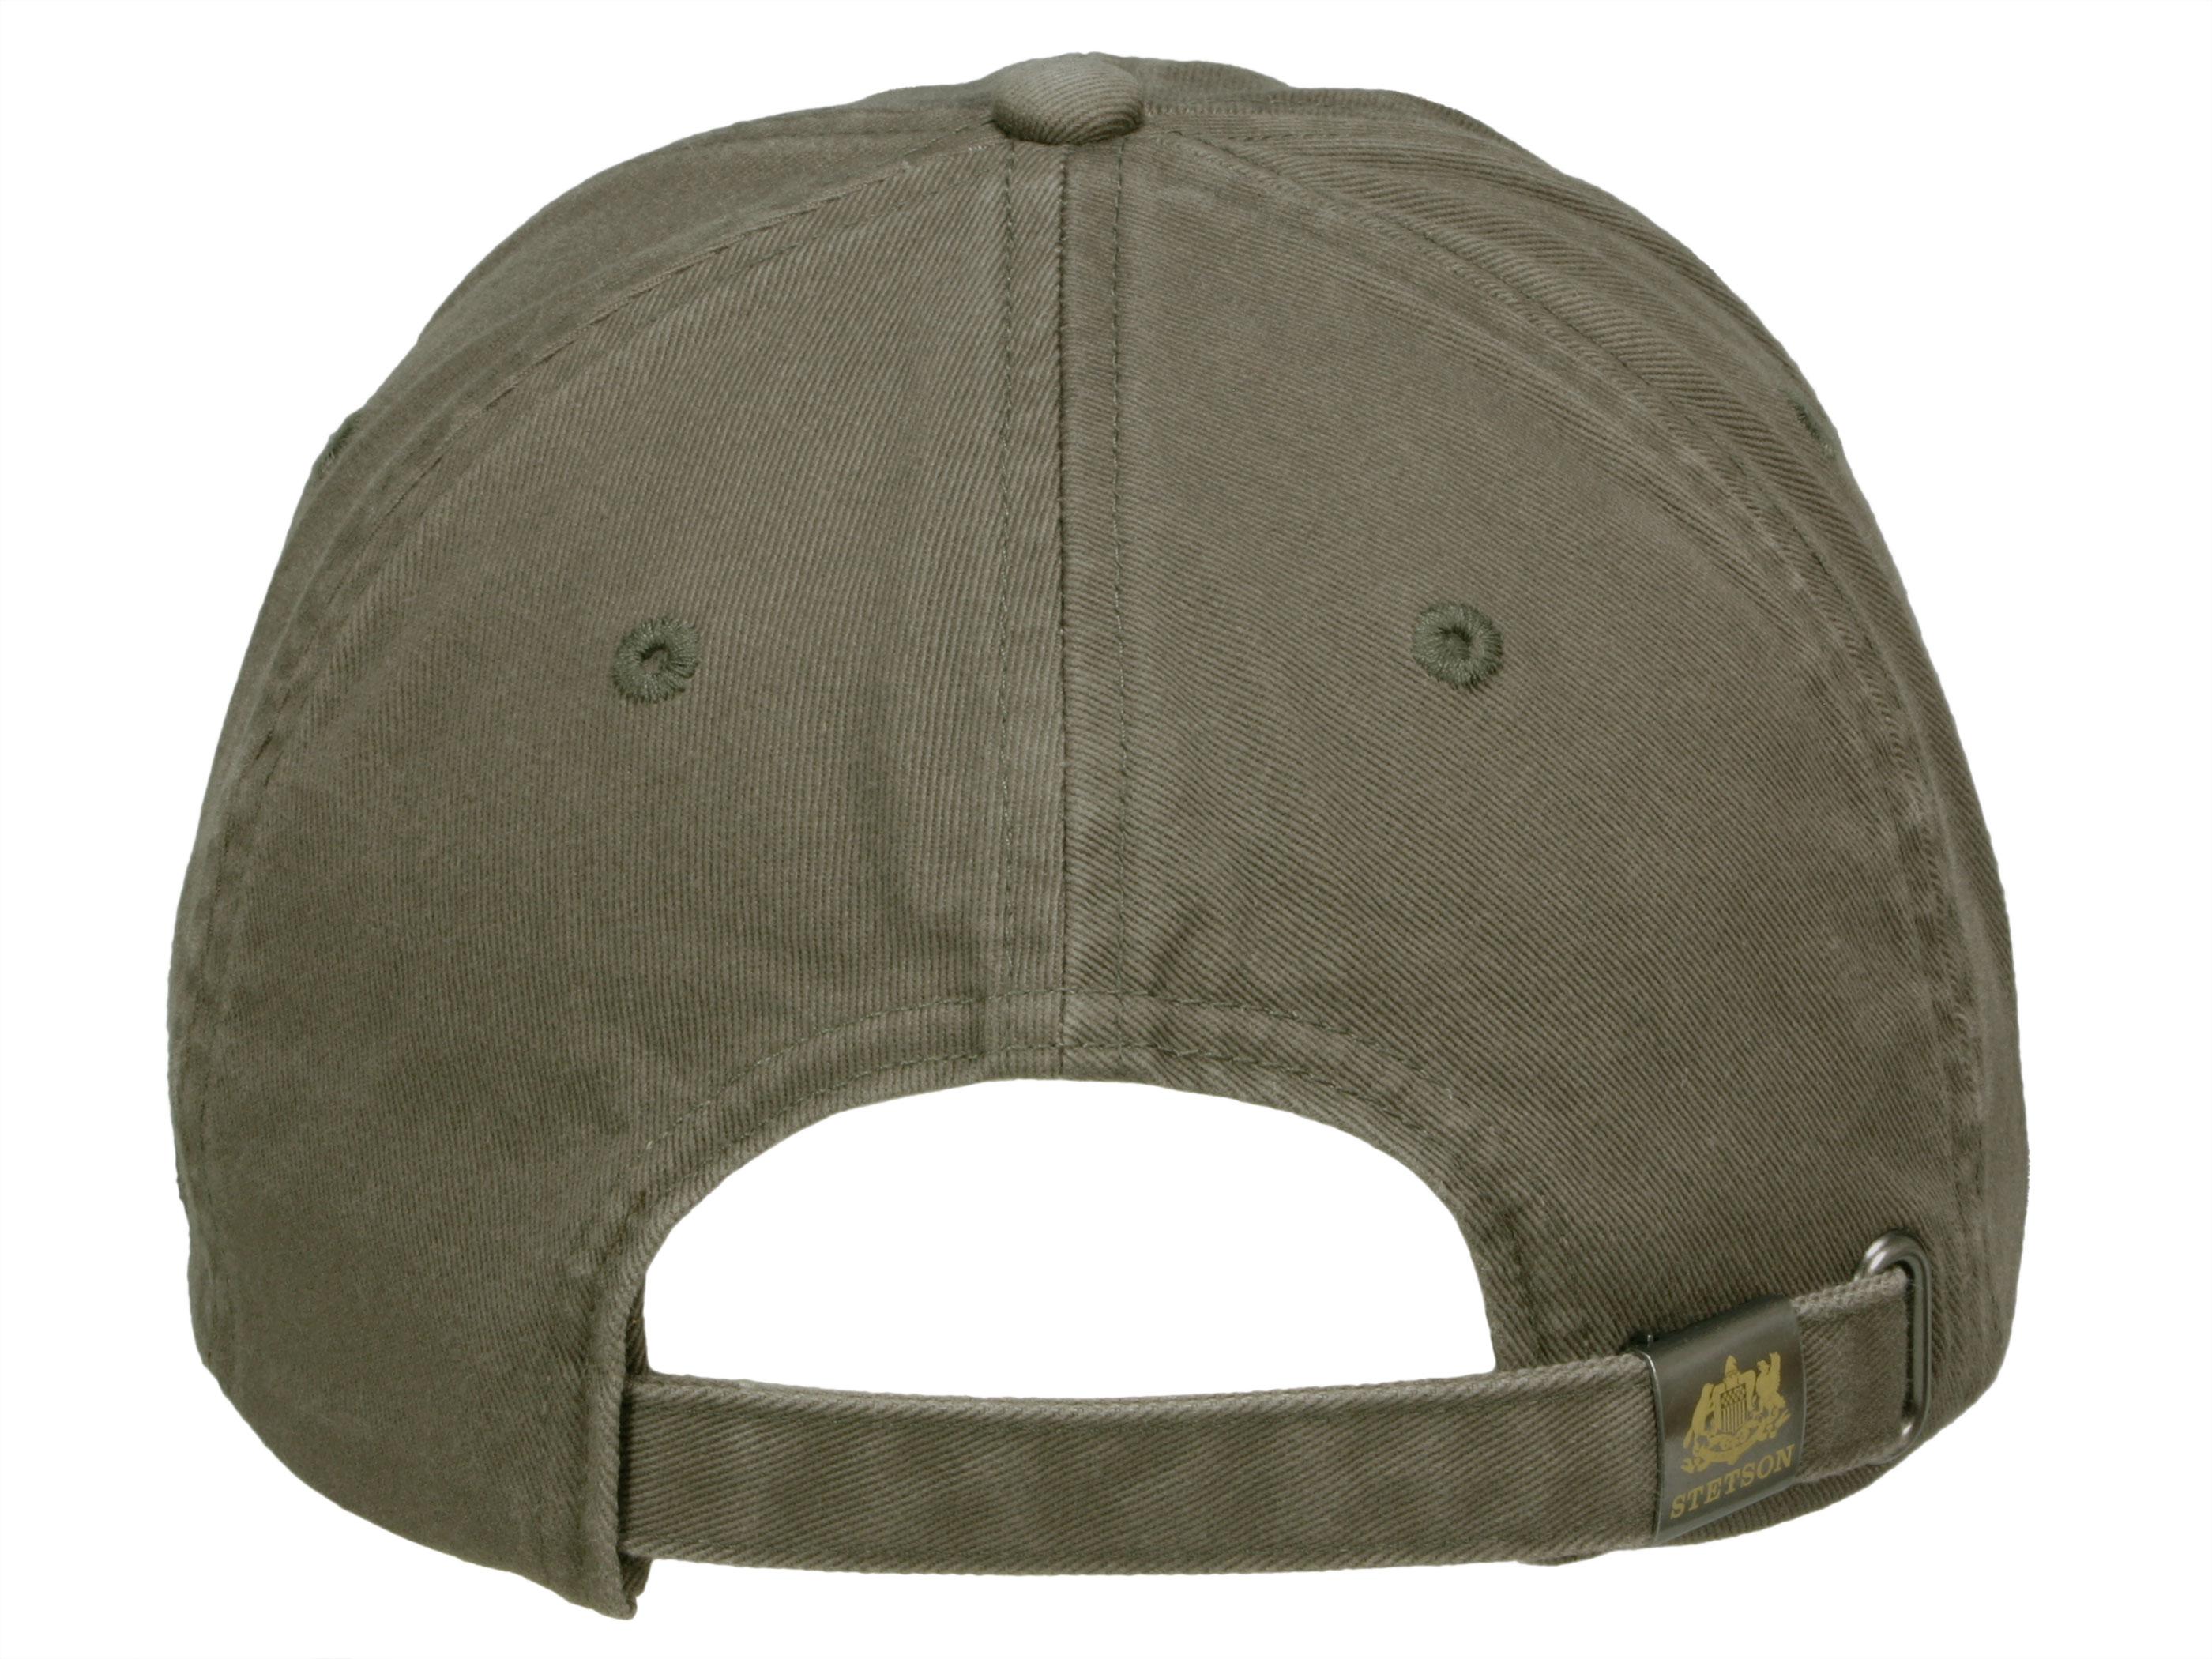 Stetson Amherst Baseballcap Flex Cap UV-Schutz Baumwolle Basecap Schirmmütze